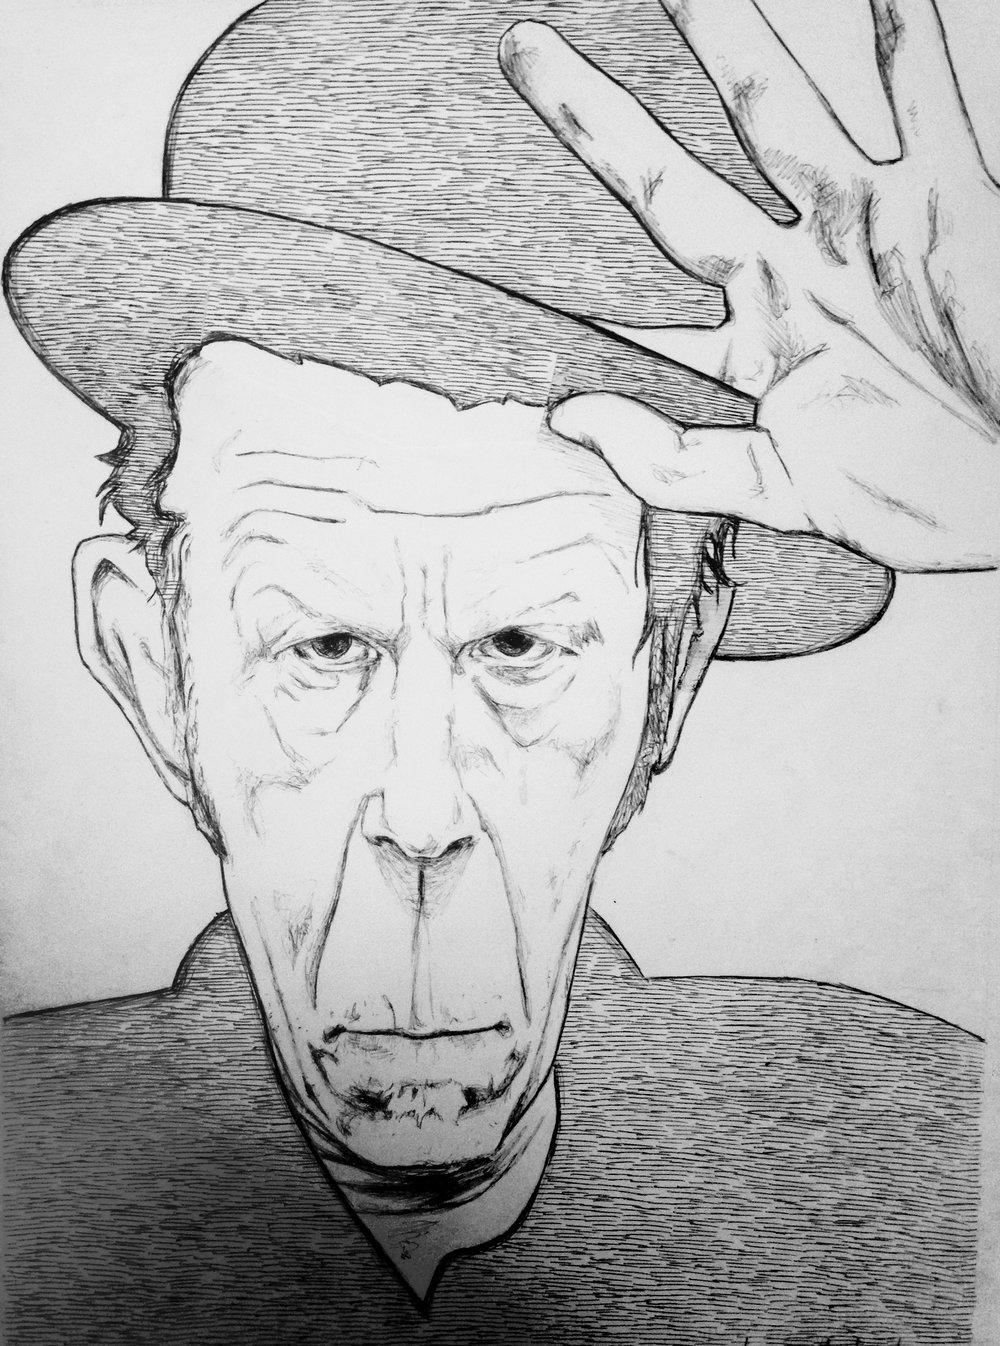 Tom Waits 2015, bic pen